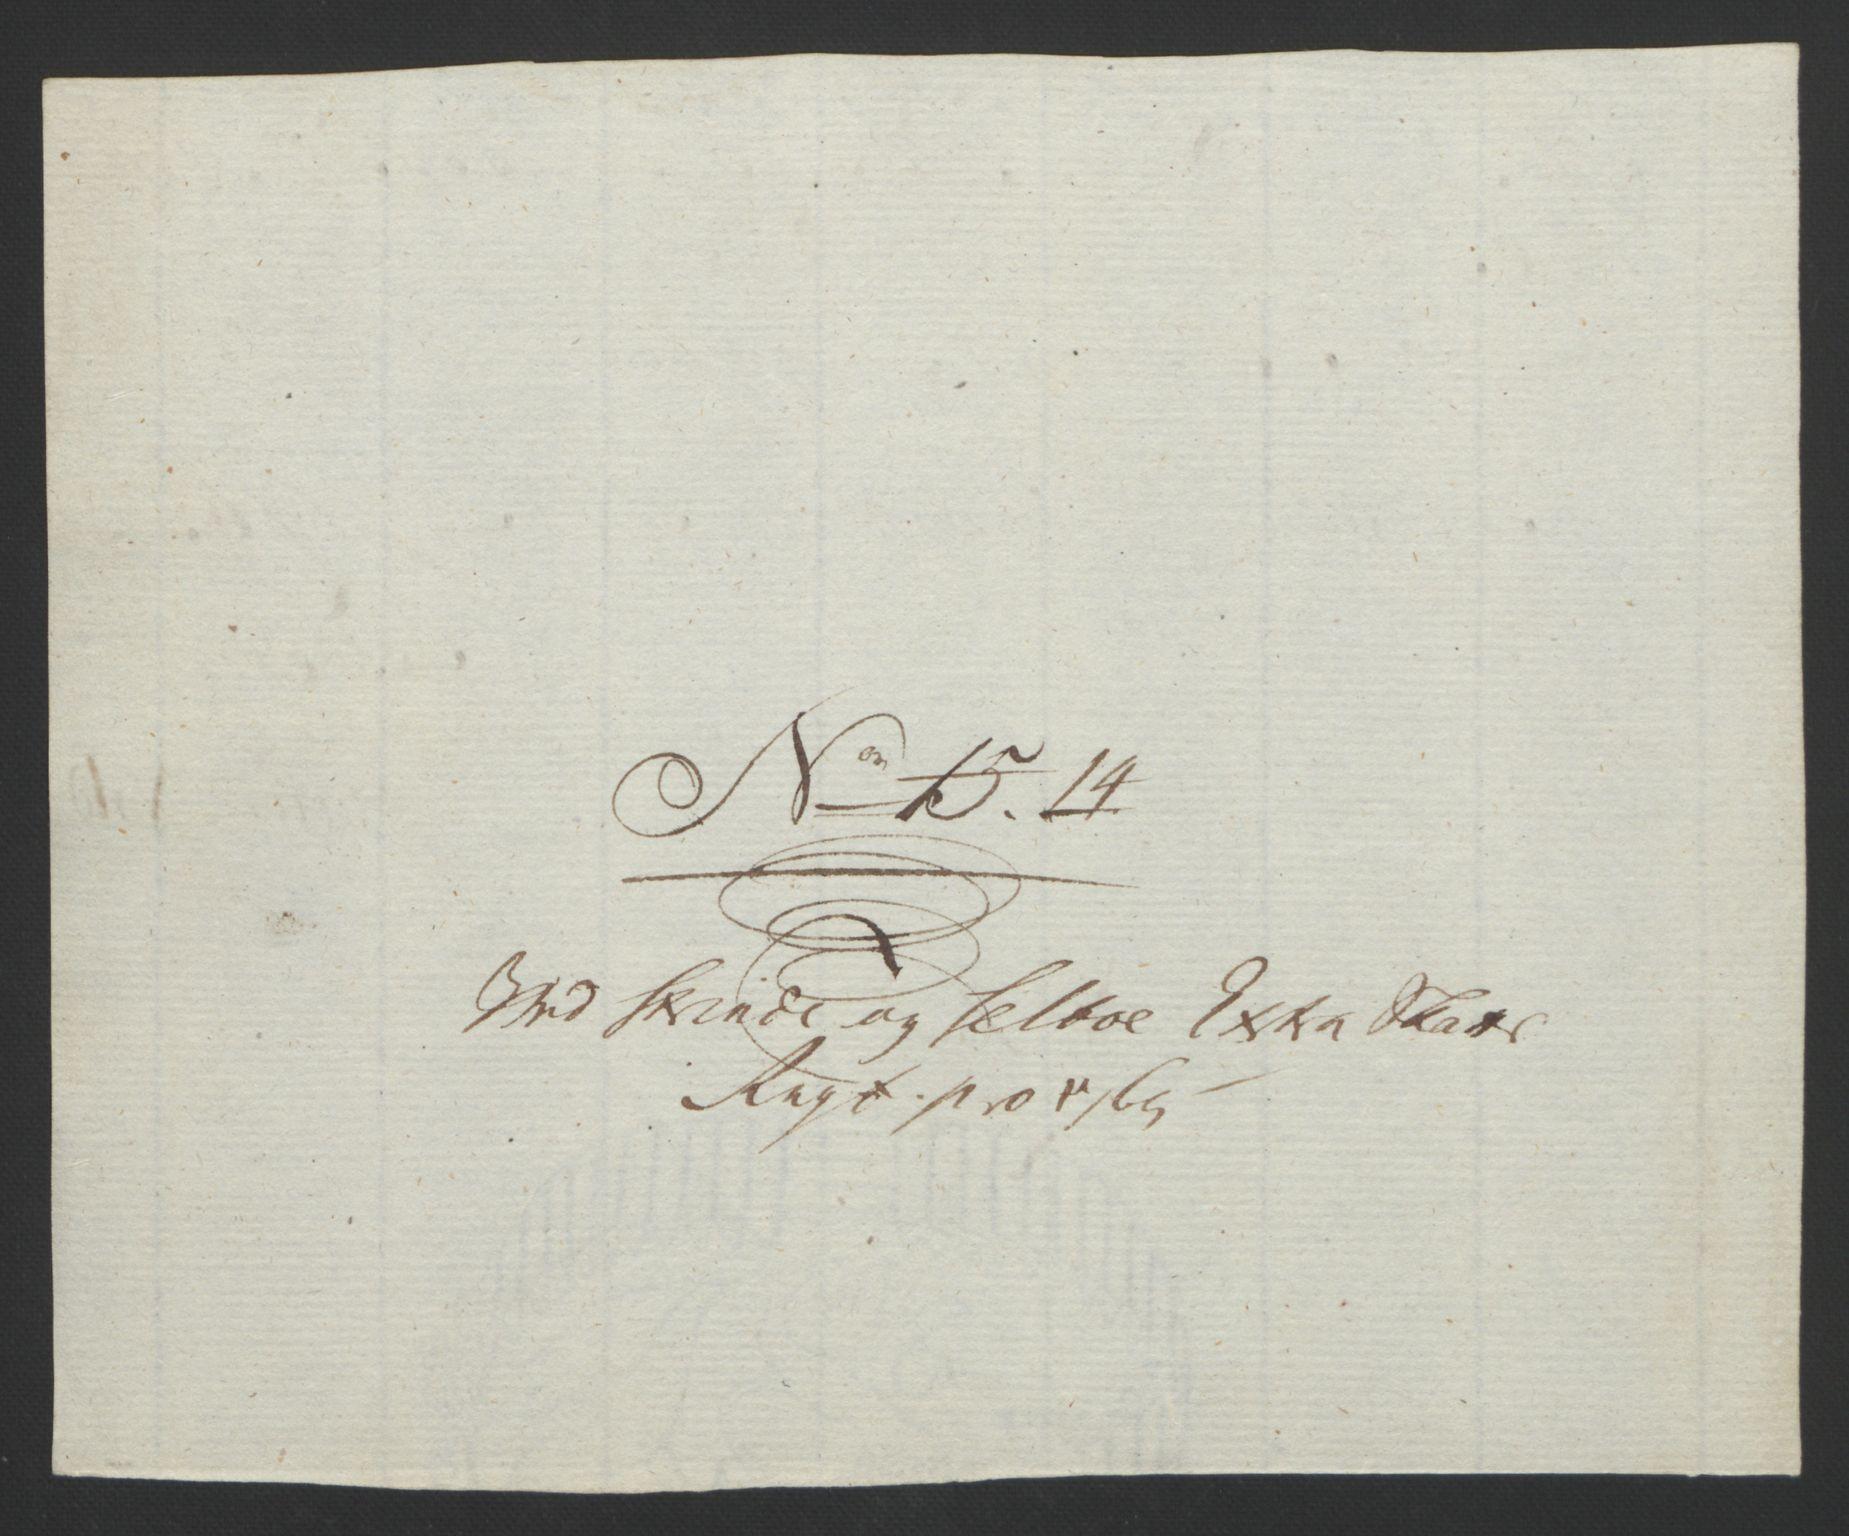 RA, Rentekammeret inntil 1814, Reviderte regnskaper, Fogderegnskap, R61/L4180: Ekstraskatten Strinda og Selbu, 1762-1767, s. 200